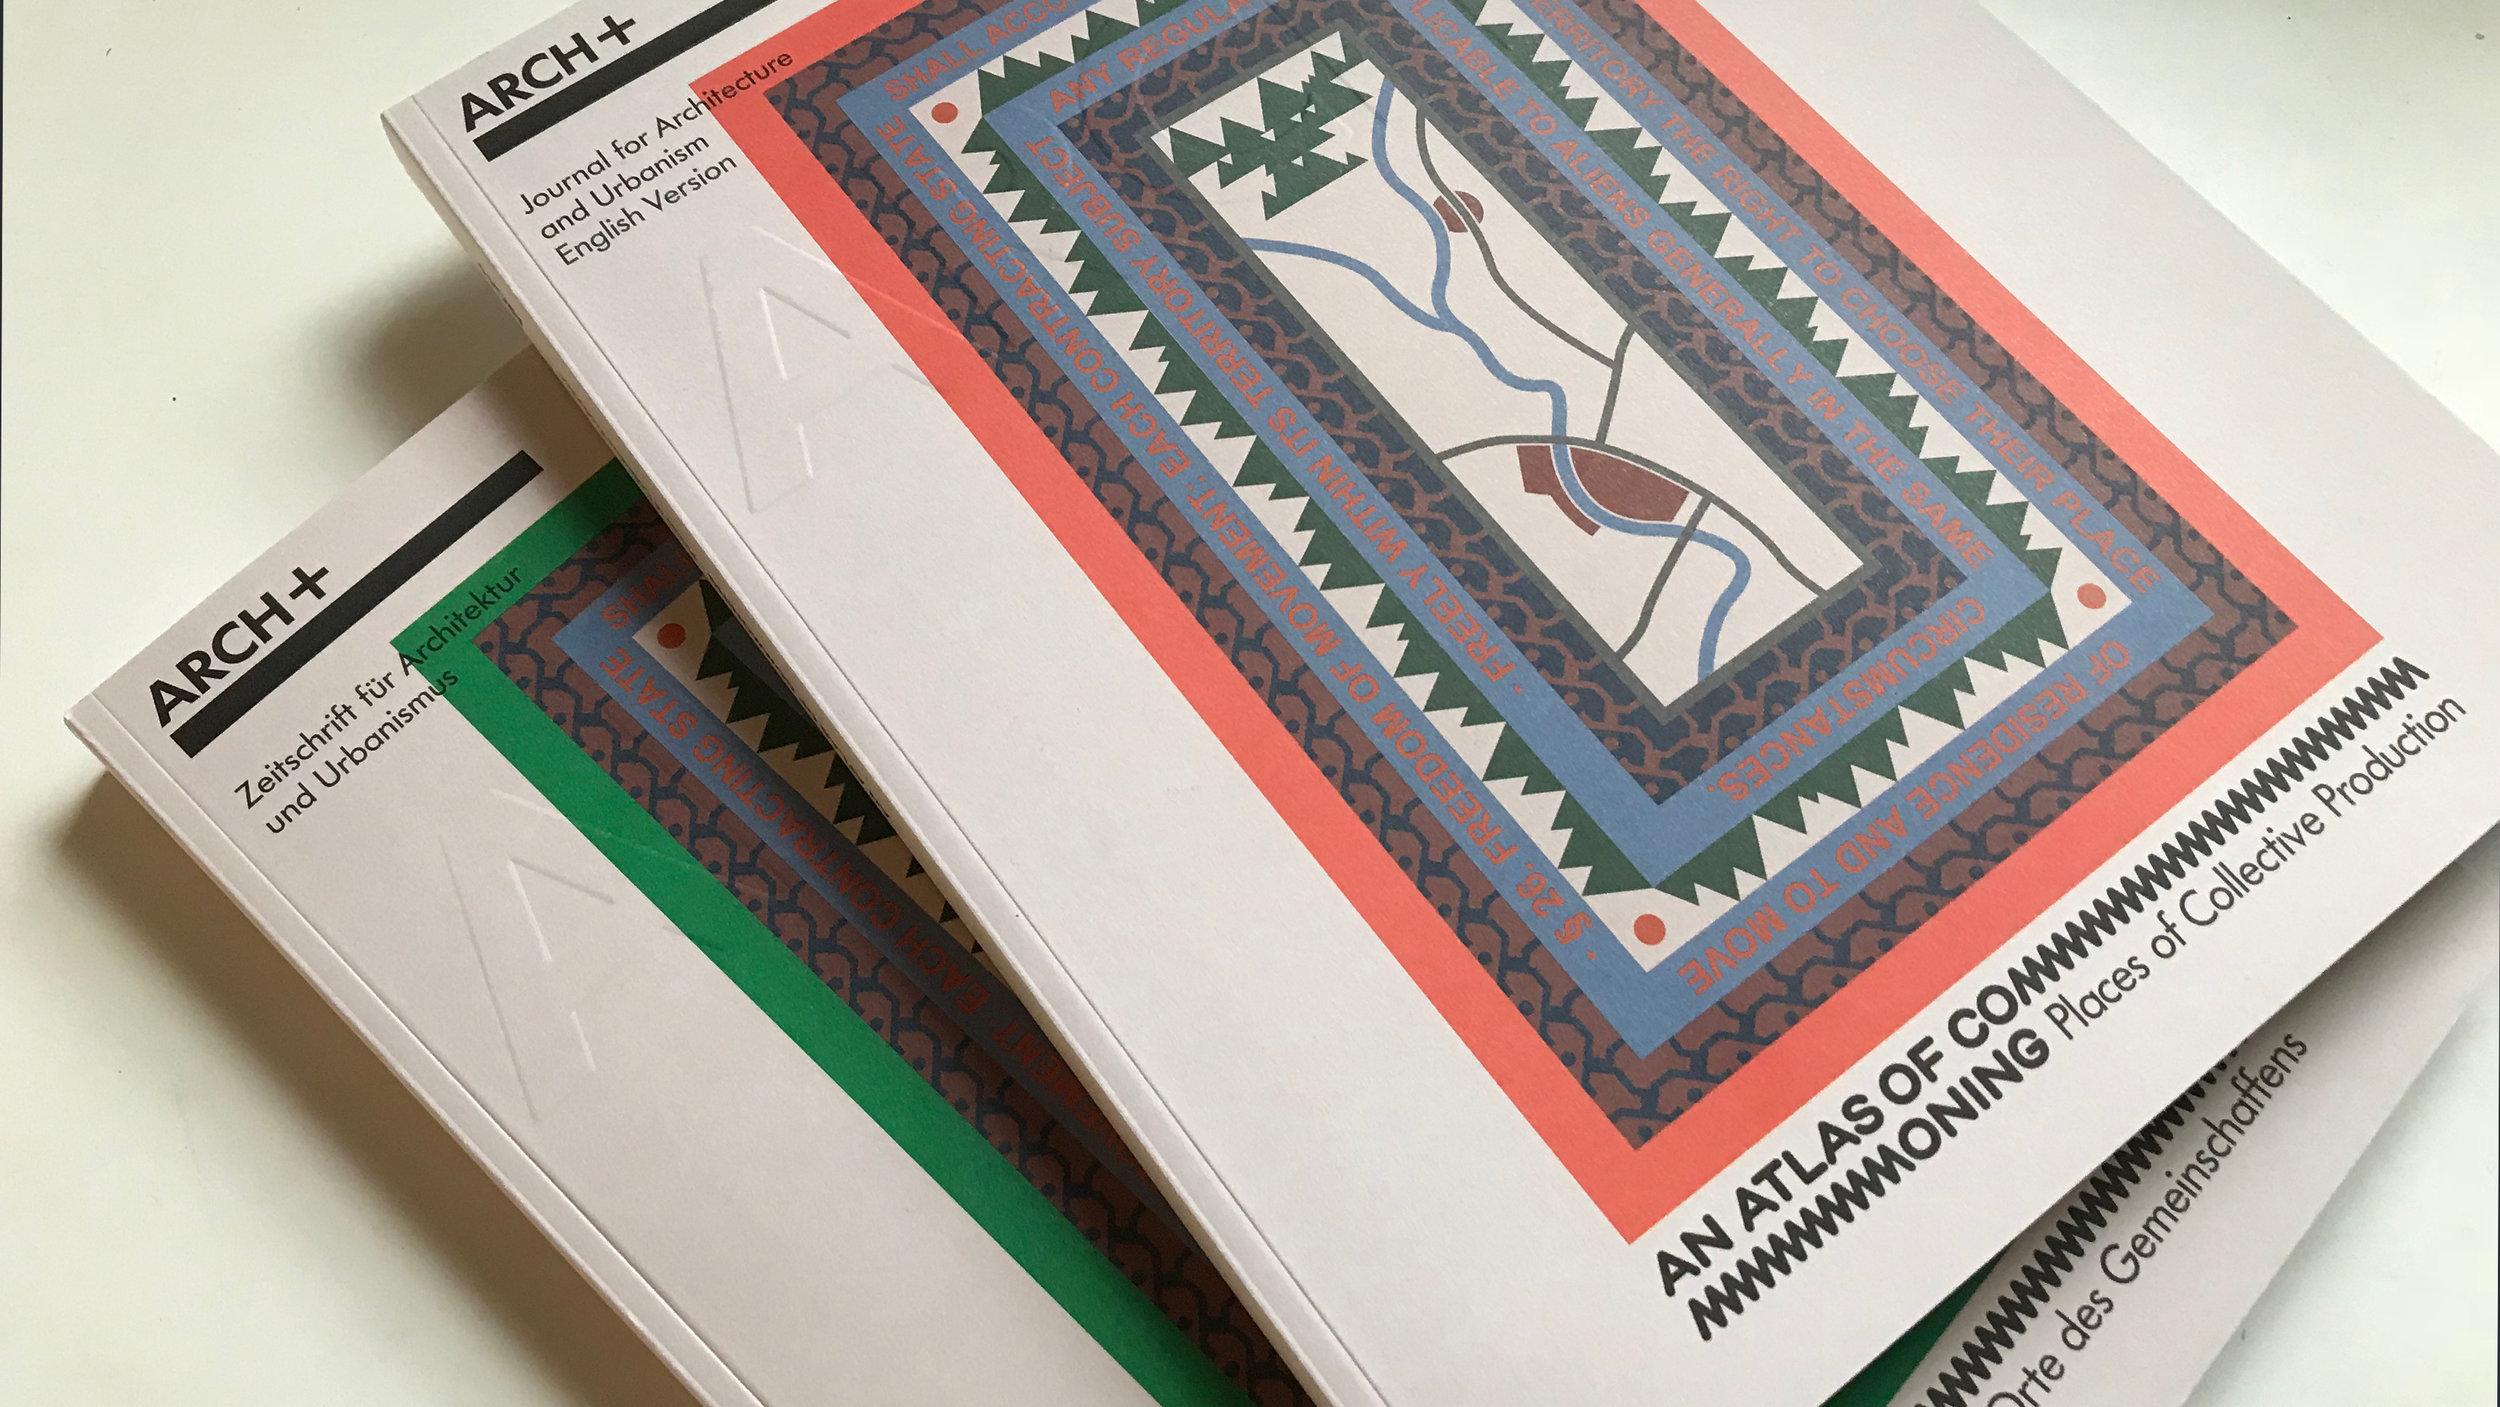 4_MUD_WORK19_An Atlas of Commoning by professor Stefan Gruber.jpg